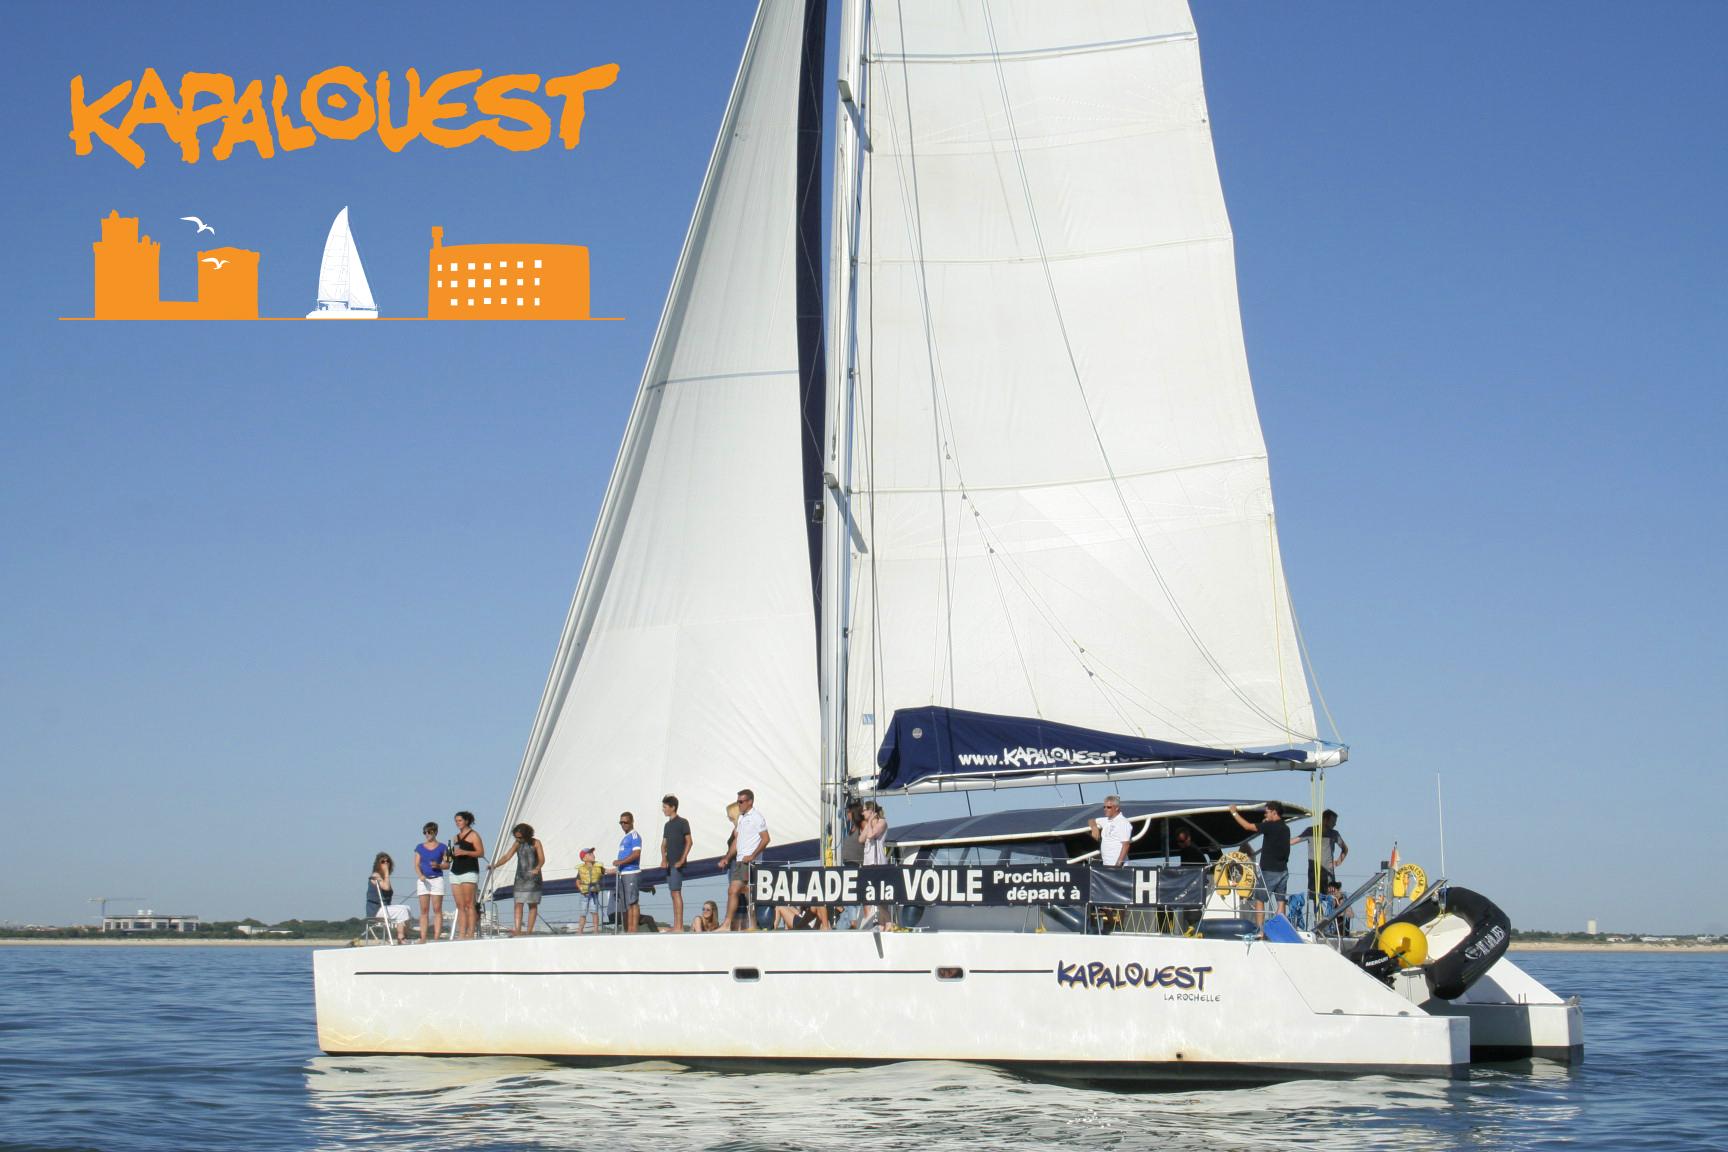 Kapalouest catamaran La Rochelle